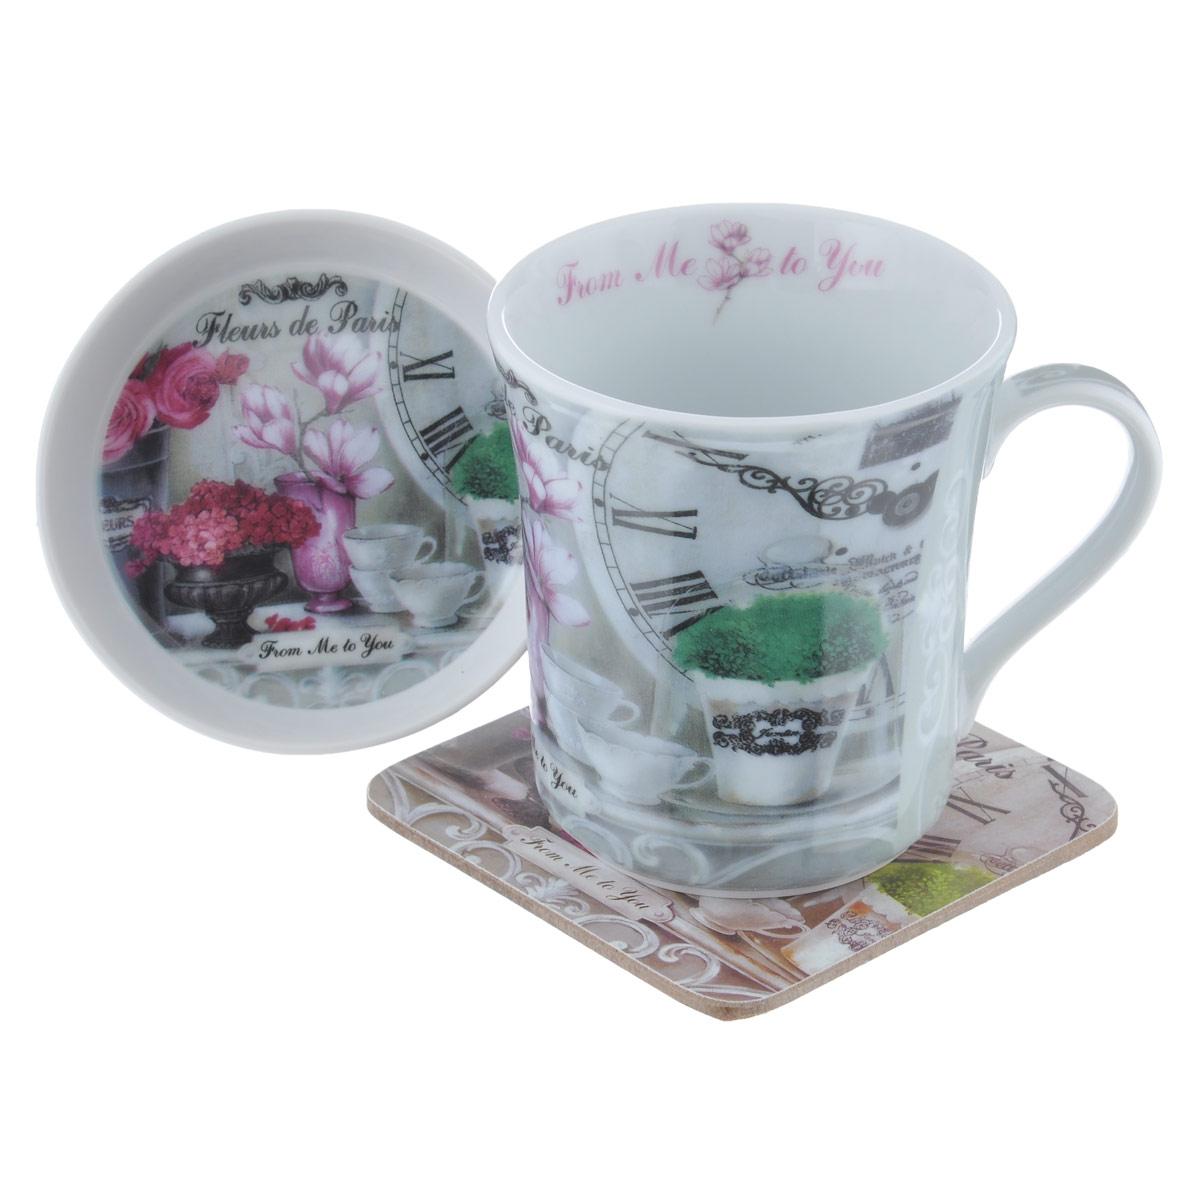 Набор чайный GiftnHome Парижские цветы, 3 предметаM0857NC/3-FdPЧайный набор GiftnHome Парижские цветы состоит из кружки, крышки-блюдца и подставки под кружку. Все изделия декорированы красочным изображением. Кружка и крышка-блюдце изготовлены из высококачественного фарфора. Крышка-блюдце может служить подставкой для чайных пакетиков или блюдцем для джема и меда. Подставка под кружку изготовлена из пробки. Ламинированное покрытие подставки обеспечивает стойкость к высоким температурам. Такая подставка защитит поверхность стола от загрязнений и воздействия высоких температур напитка. Оригинальный набор порадует вас своим дизайном и станет неизменным атрибутом чаепития. Чайный набор GiftnHome Парижские цветы прекрасно подойдет в качестве сувенира и привнесет индивидуальности в обычную сервировку стола. Диаметр кружки: 8,5 см. Высота: 9,5 см. Объем: 330 мл. Диаметр крышки-блюдца: 9,5 см. Высота крышки-блюдца: 2 см. Размер подставки: 10 см х 10 см х 2 см.